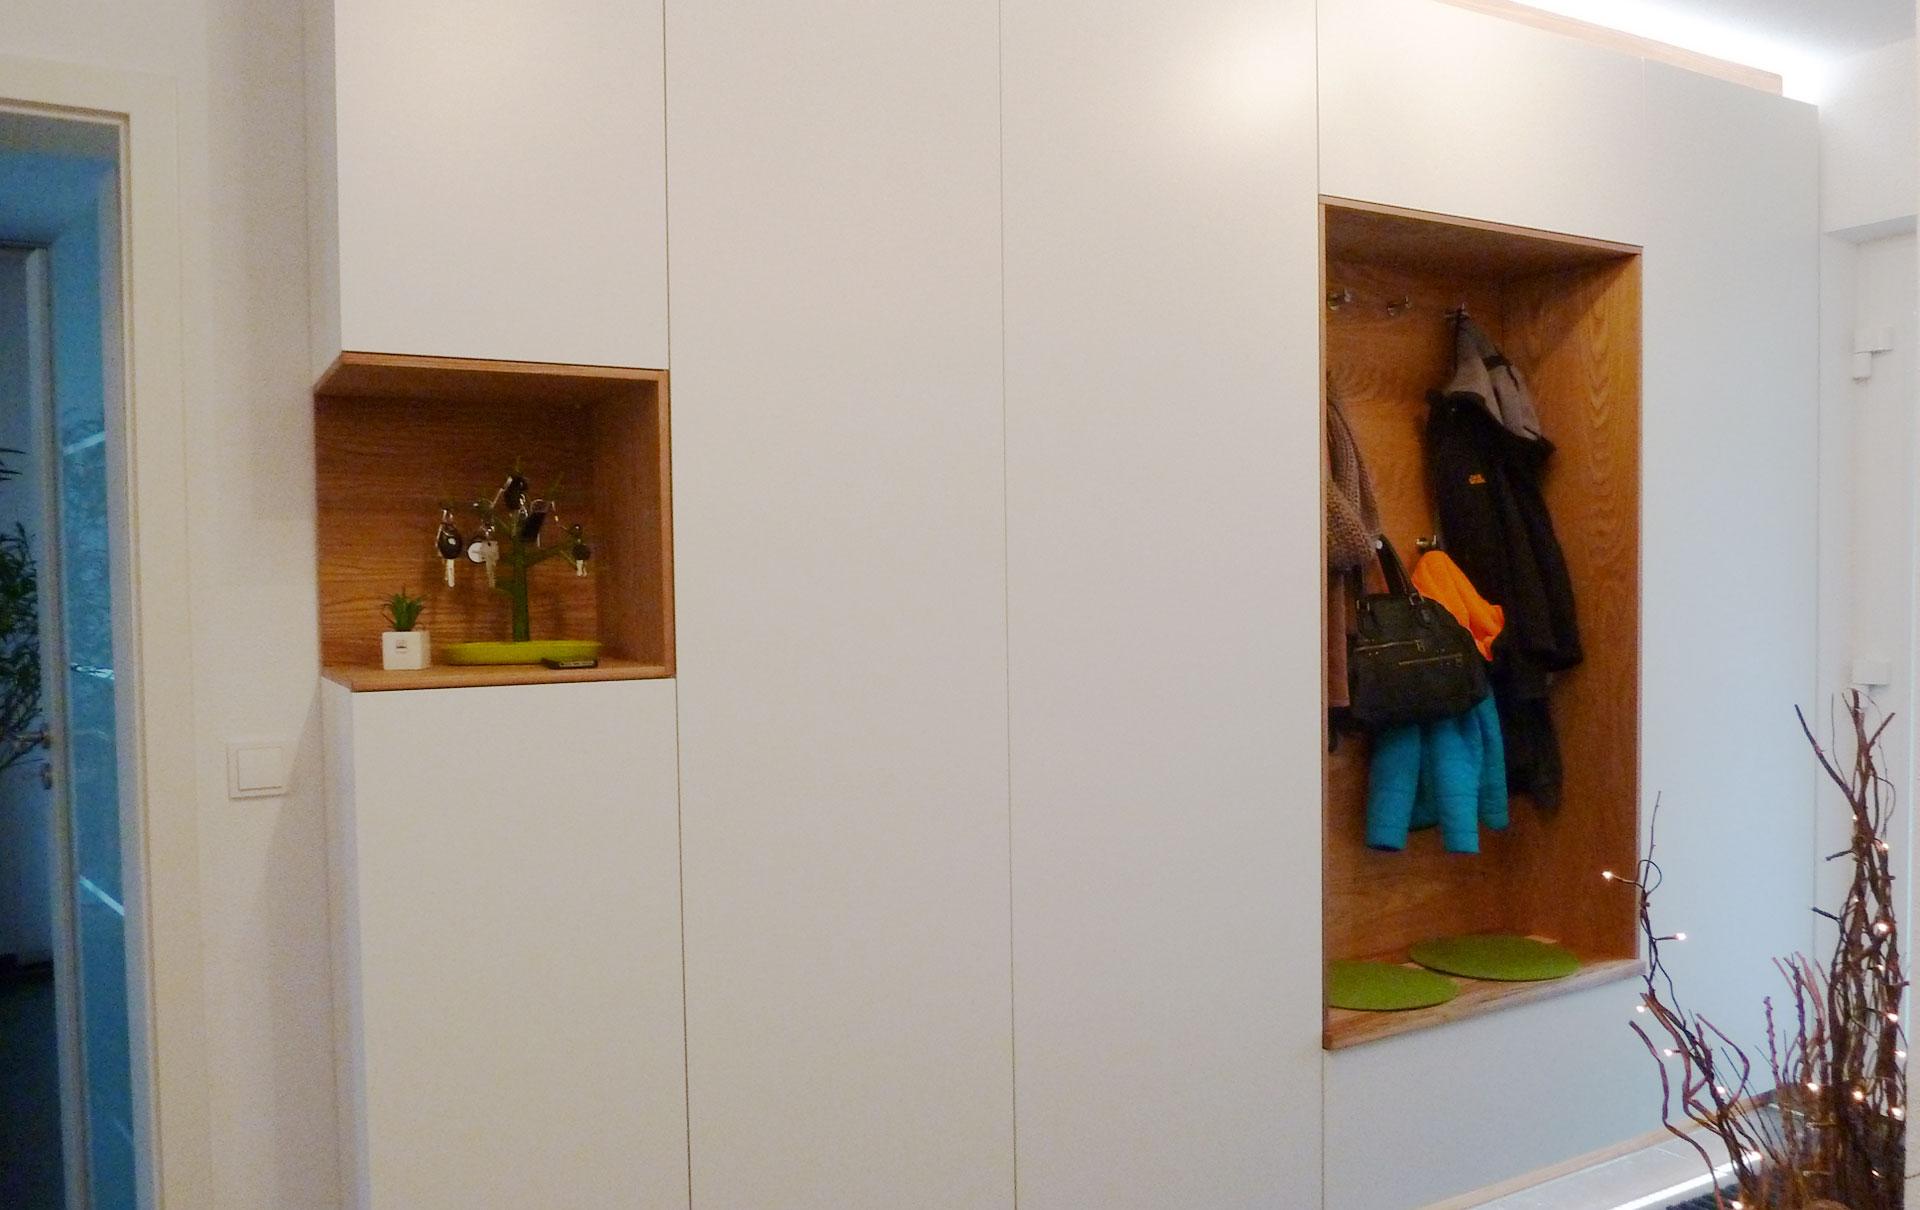 Verschiedene Garderobe Weiß Eiche Galerie Von 06 Fullscreen01